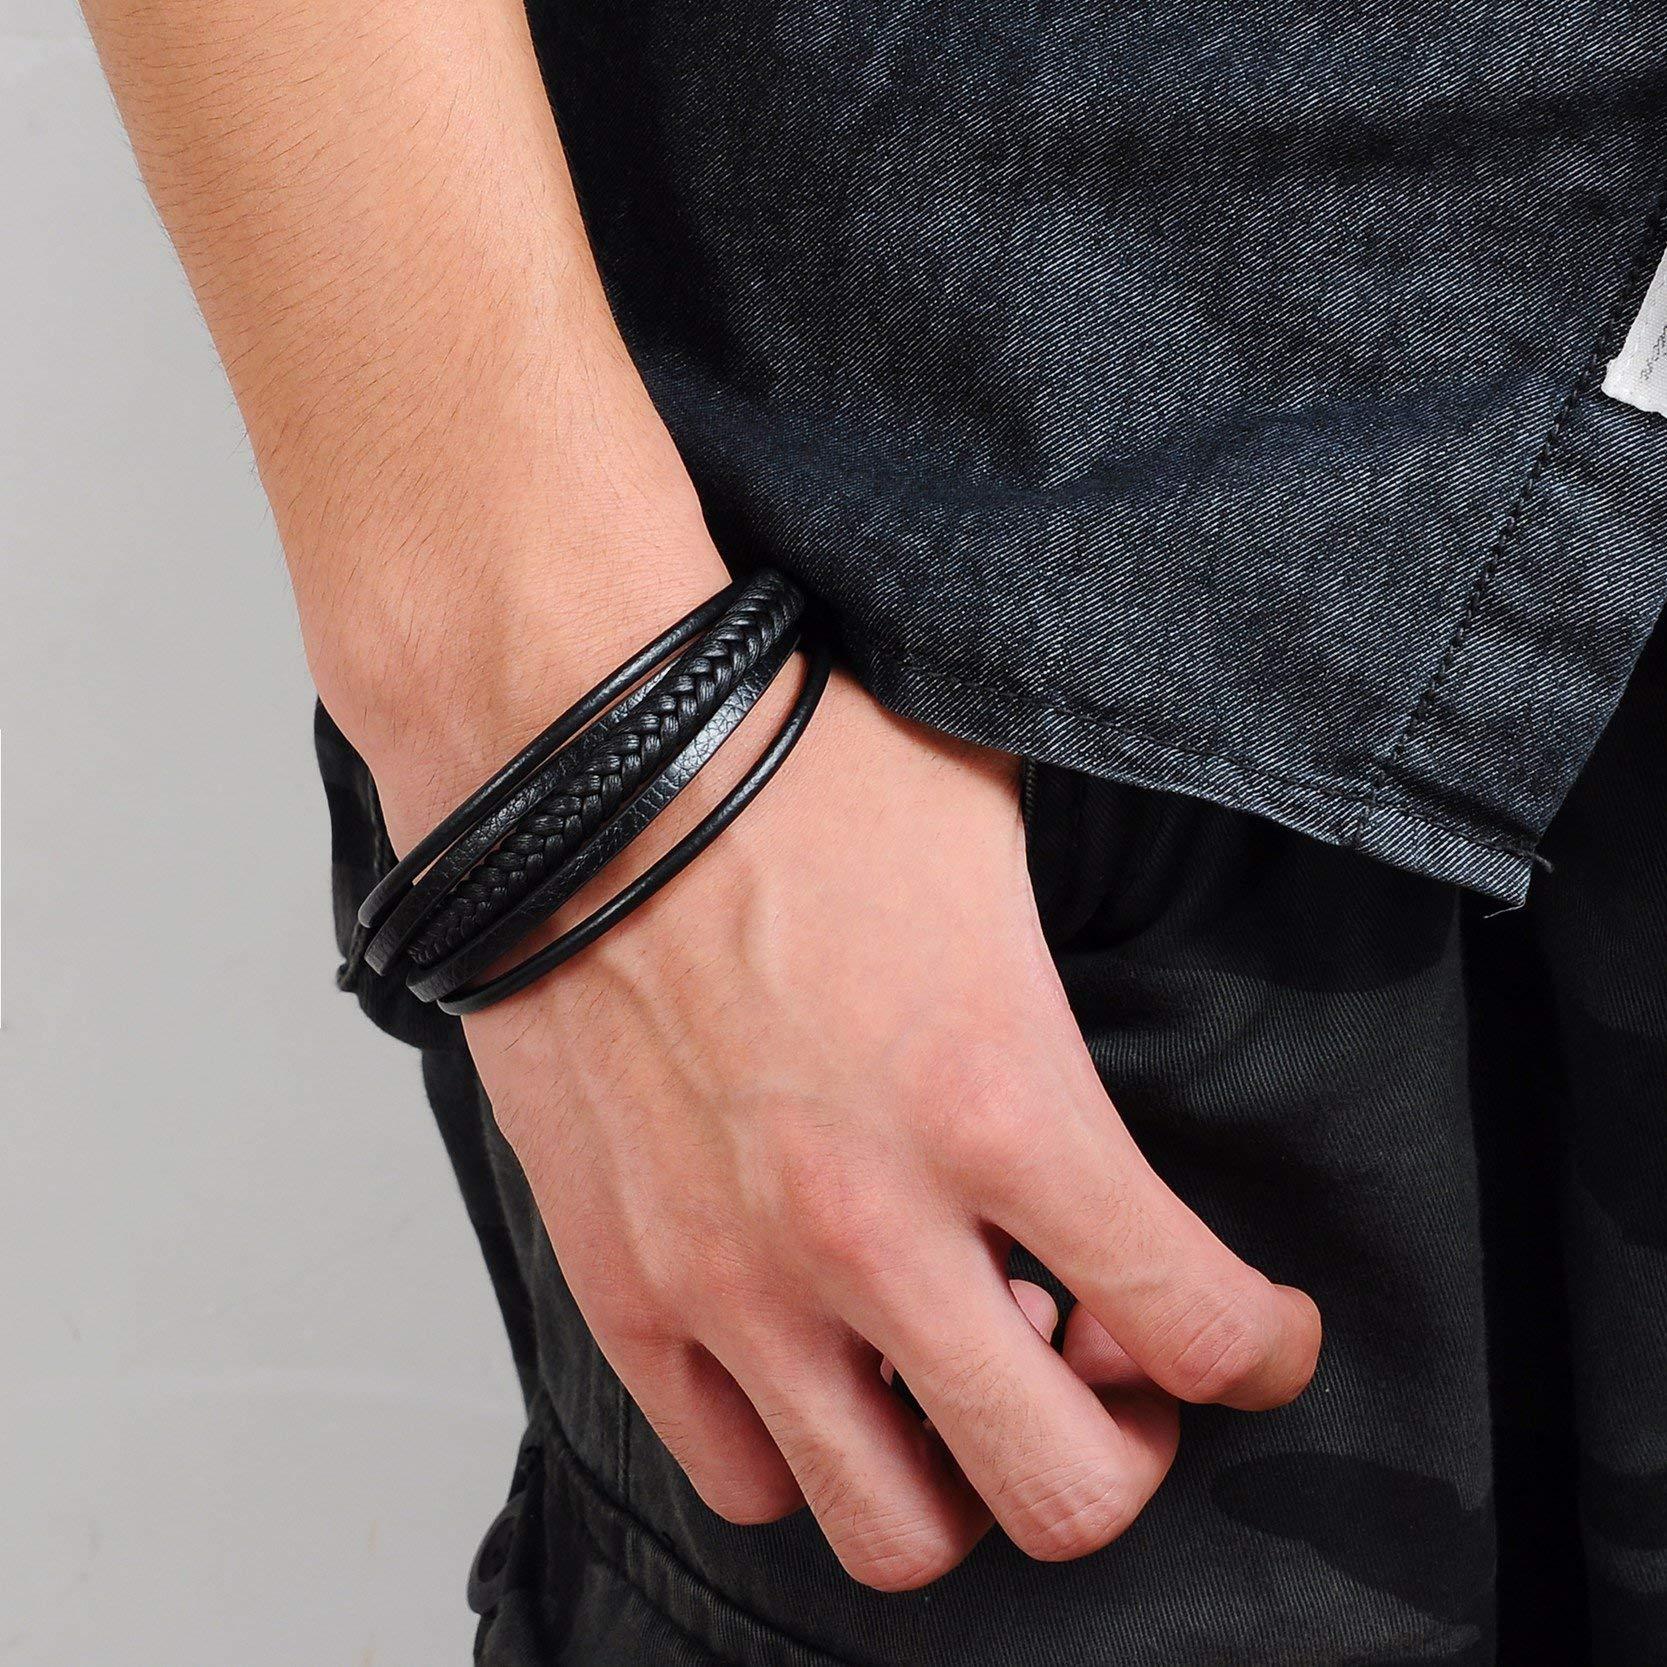 Bracelet en Cuir Véritable Homme - Fermoir Aimanté en Acier - Livré dans sa boite - Noir et Marron (Noir)